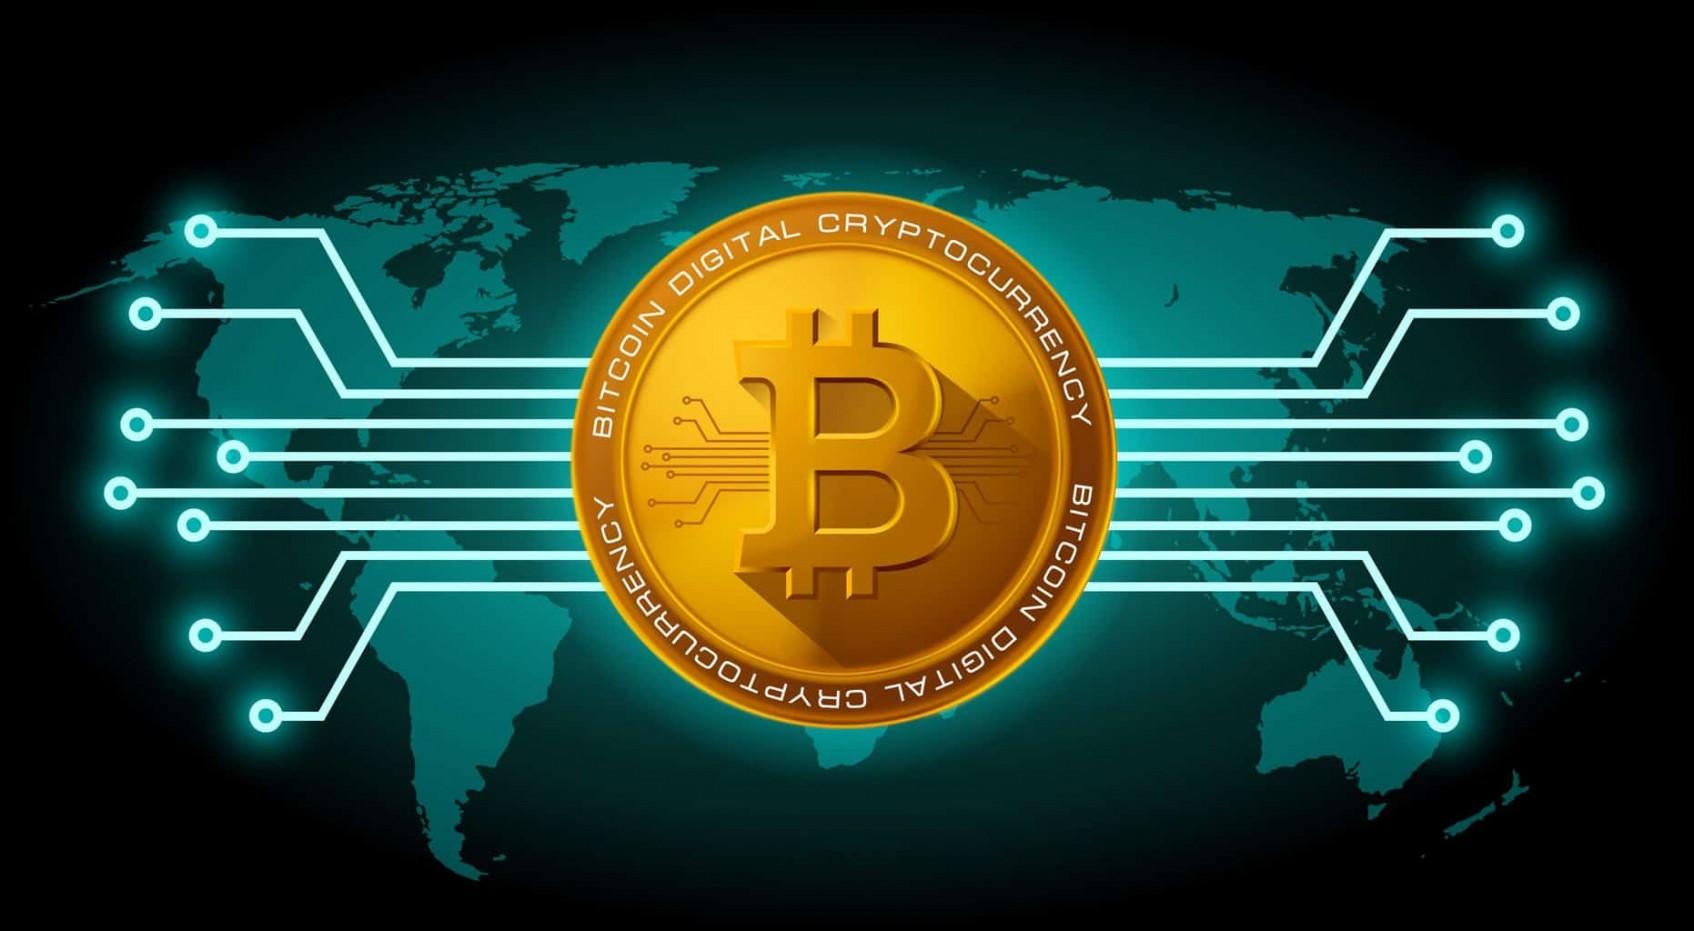 deloitte bitcoin atm etoro fiscalità